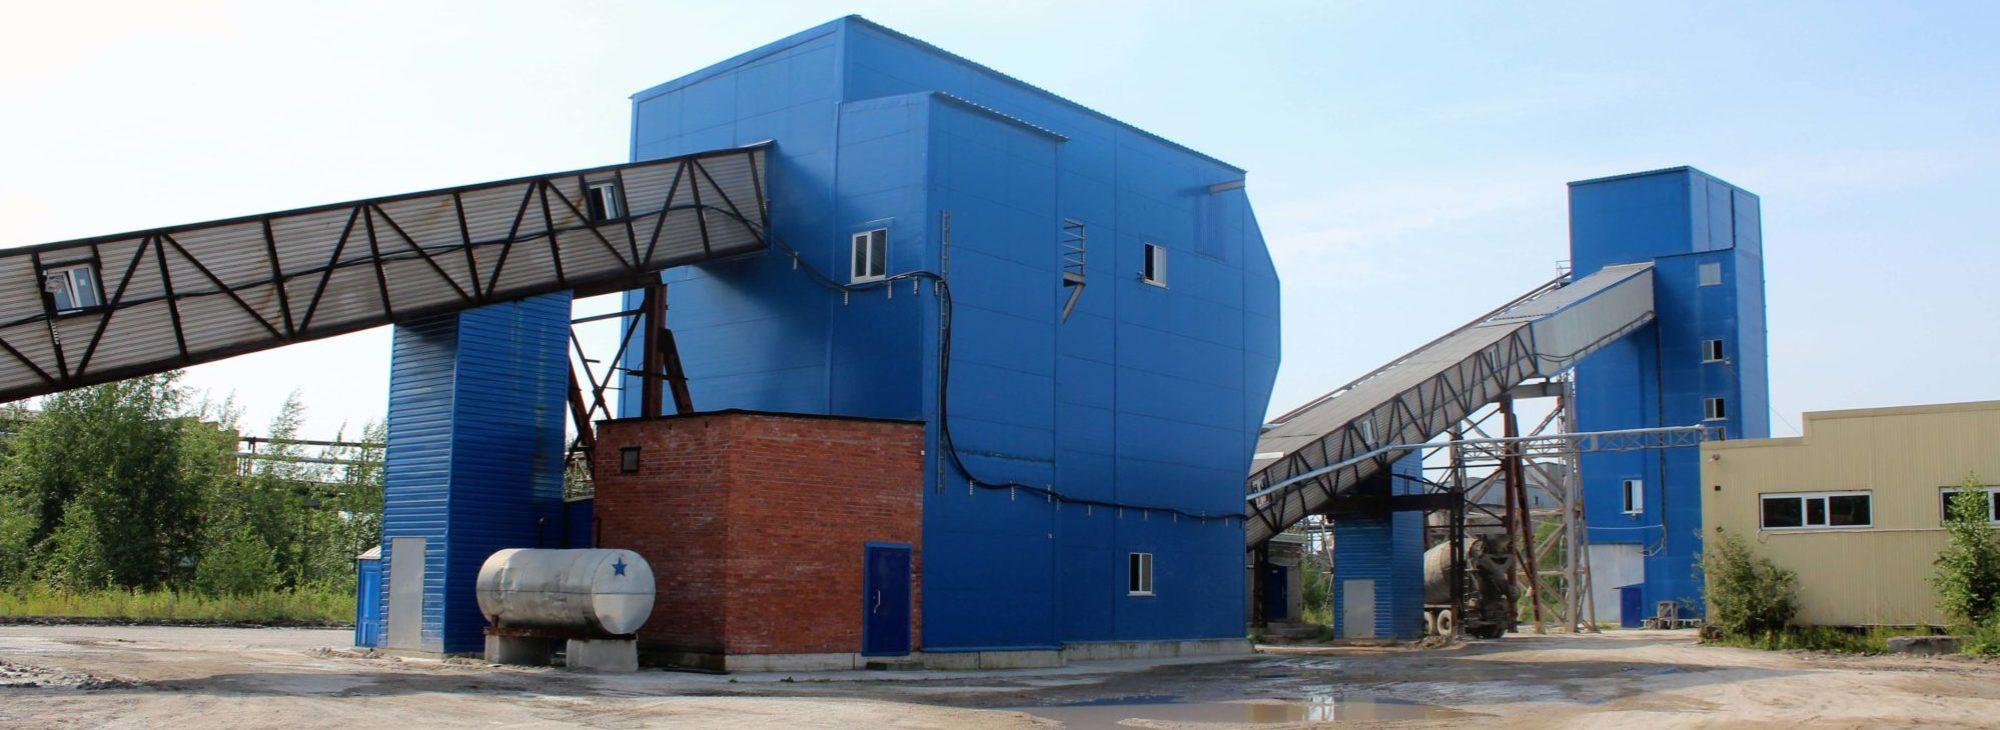 ЗЖБИиК официальный сайт Череповецкого завода железобетонных изделий и конструкций